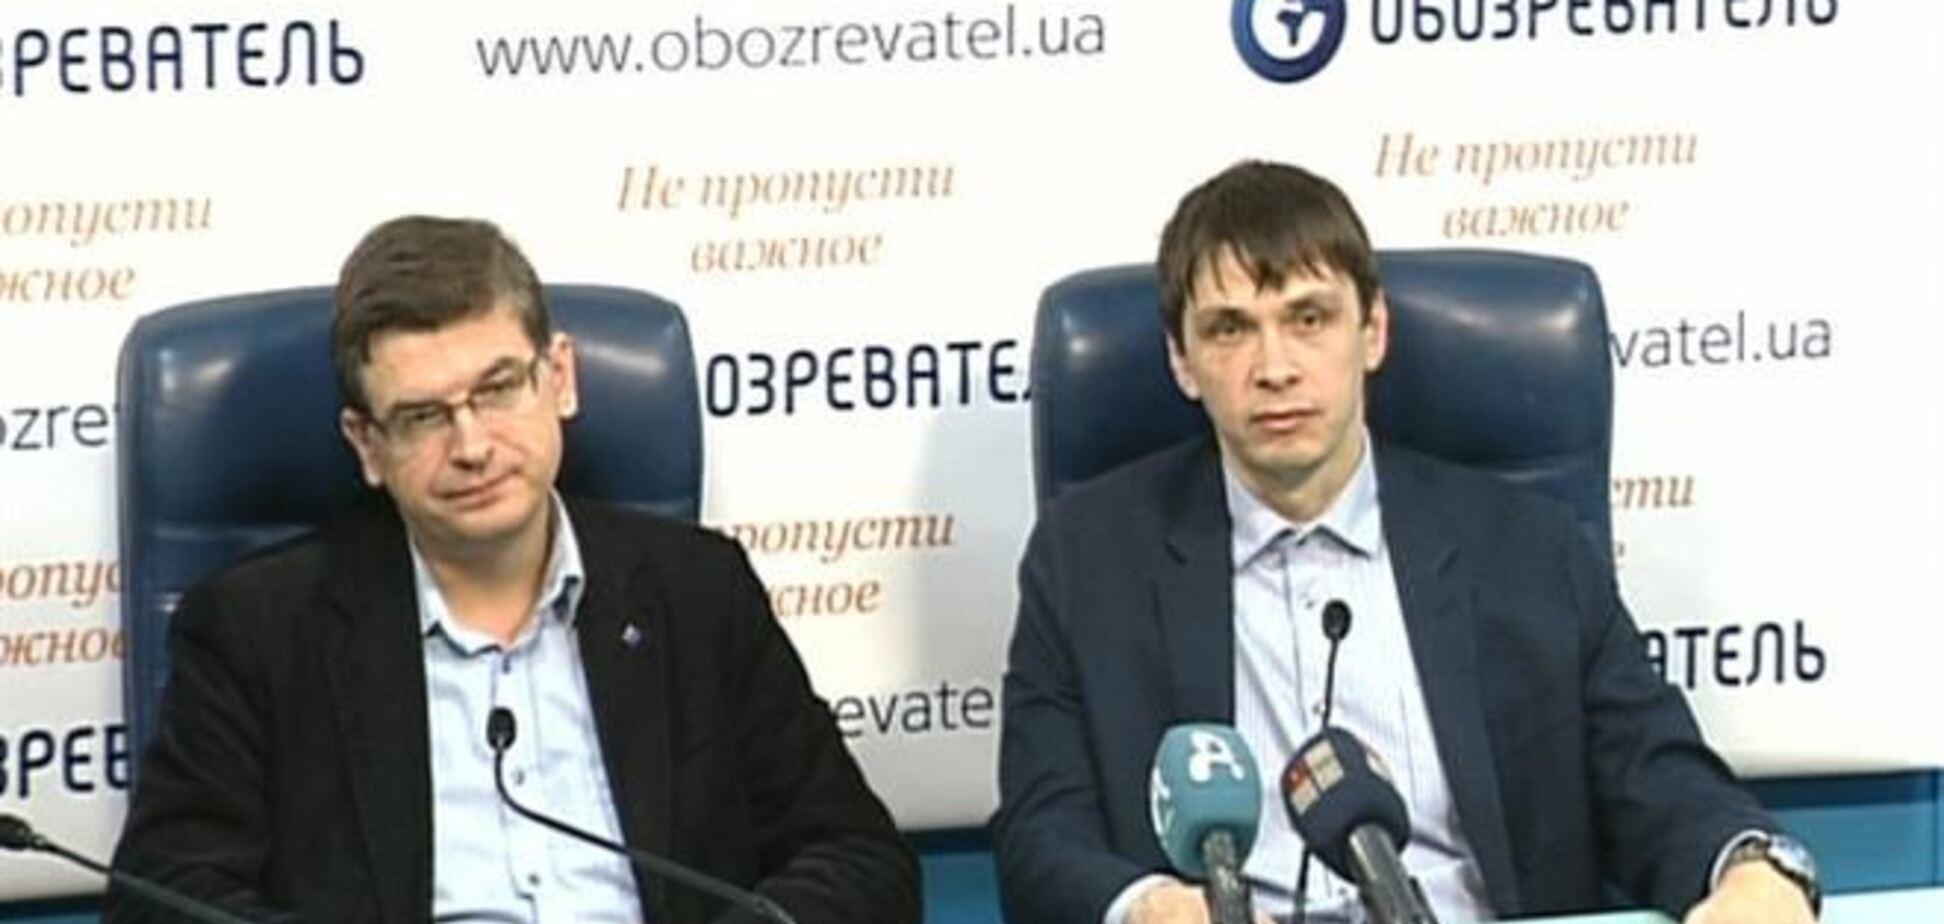 Эксперты о загранпаспортах для въезда в РФ: в этом нет ничего крамольного